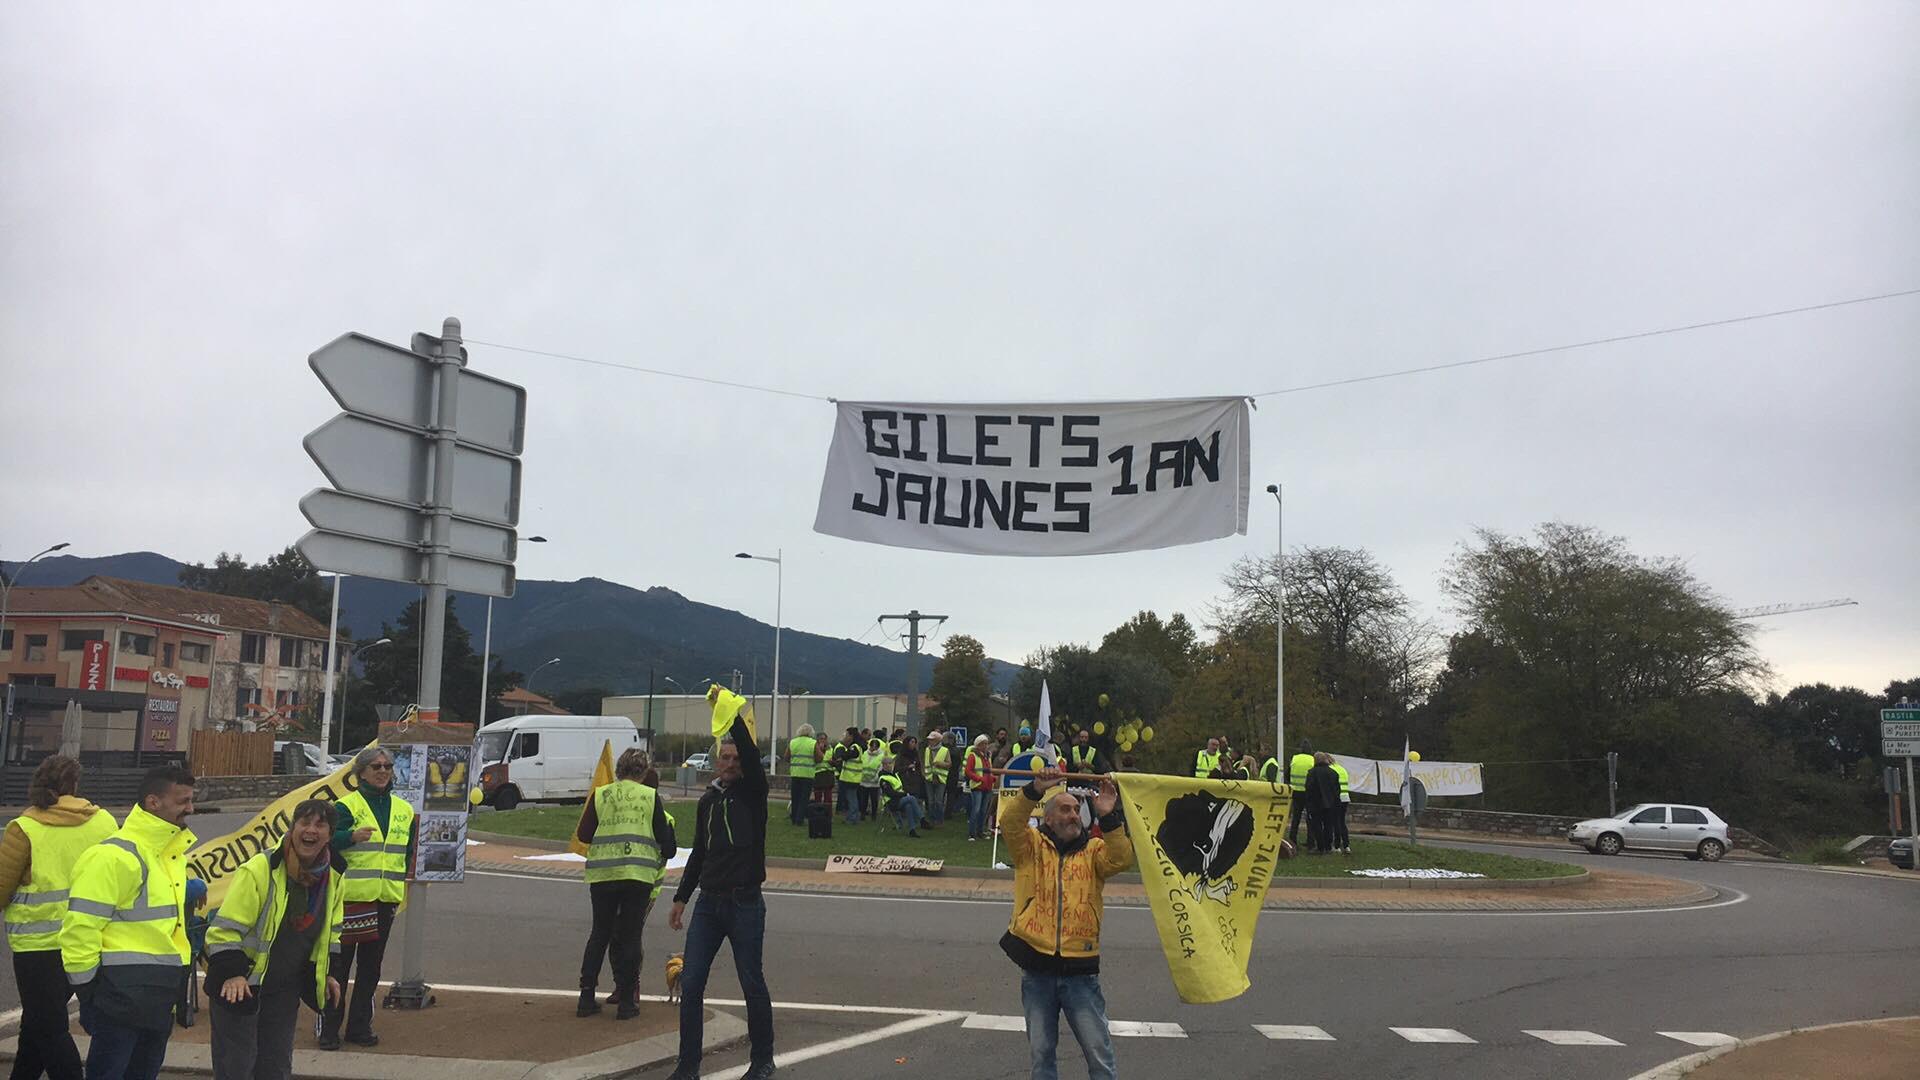 Vescovato : Un an après, les Gilets Jaunes sont toujours là